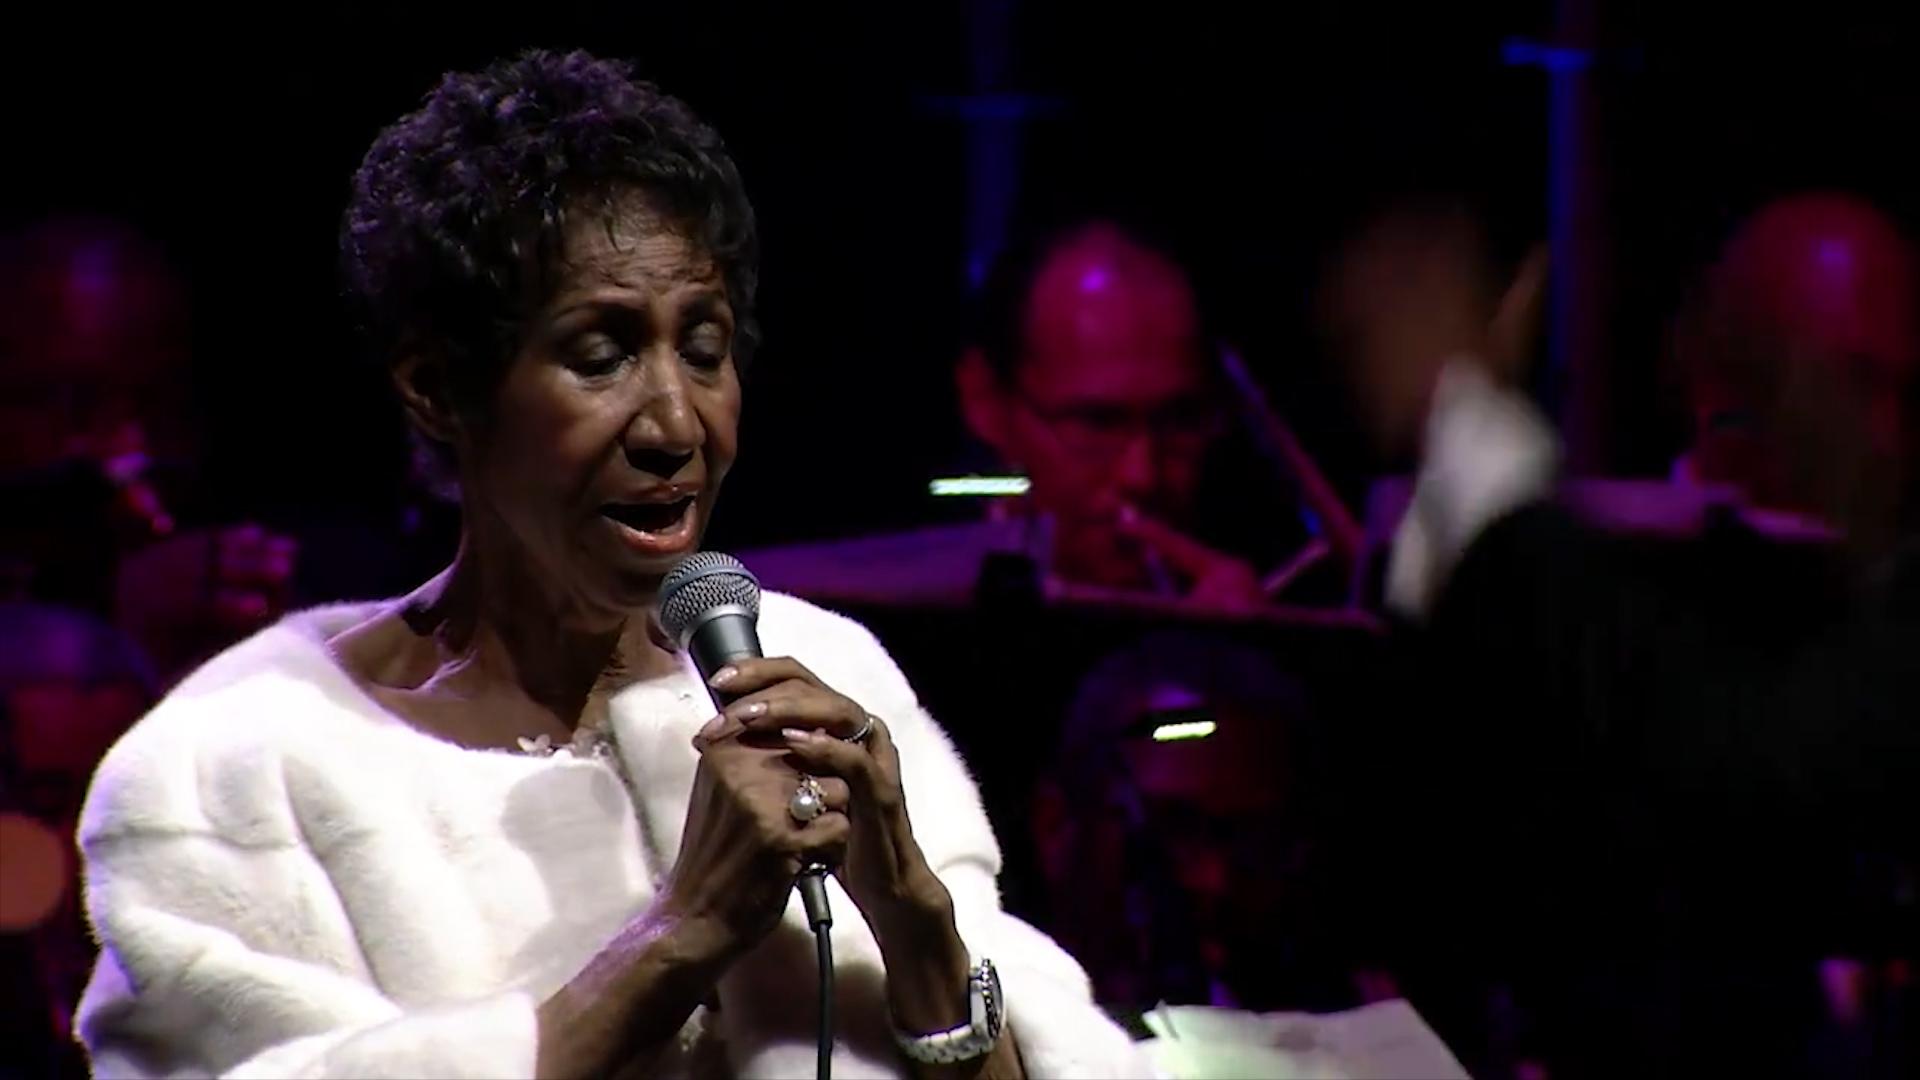 El Conmovedor Esfuerzo De Aretha Franklin Por Cantar En Su